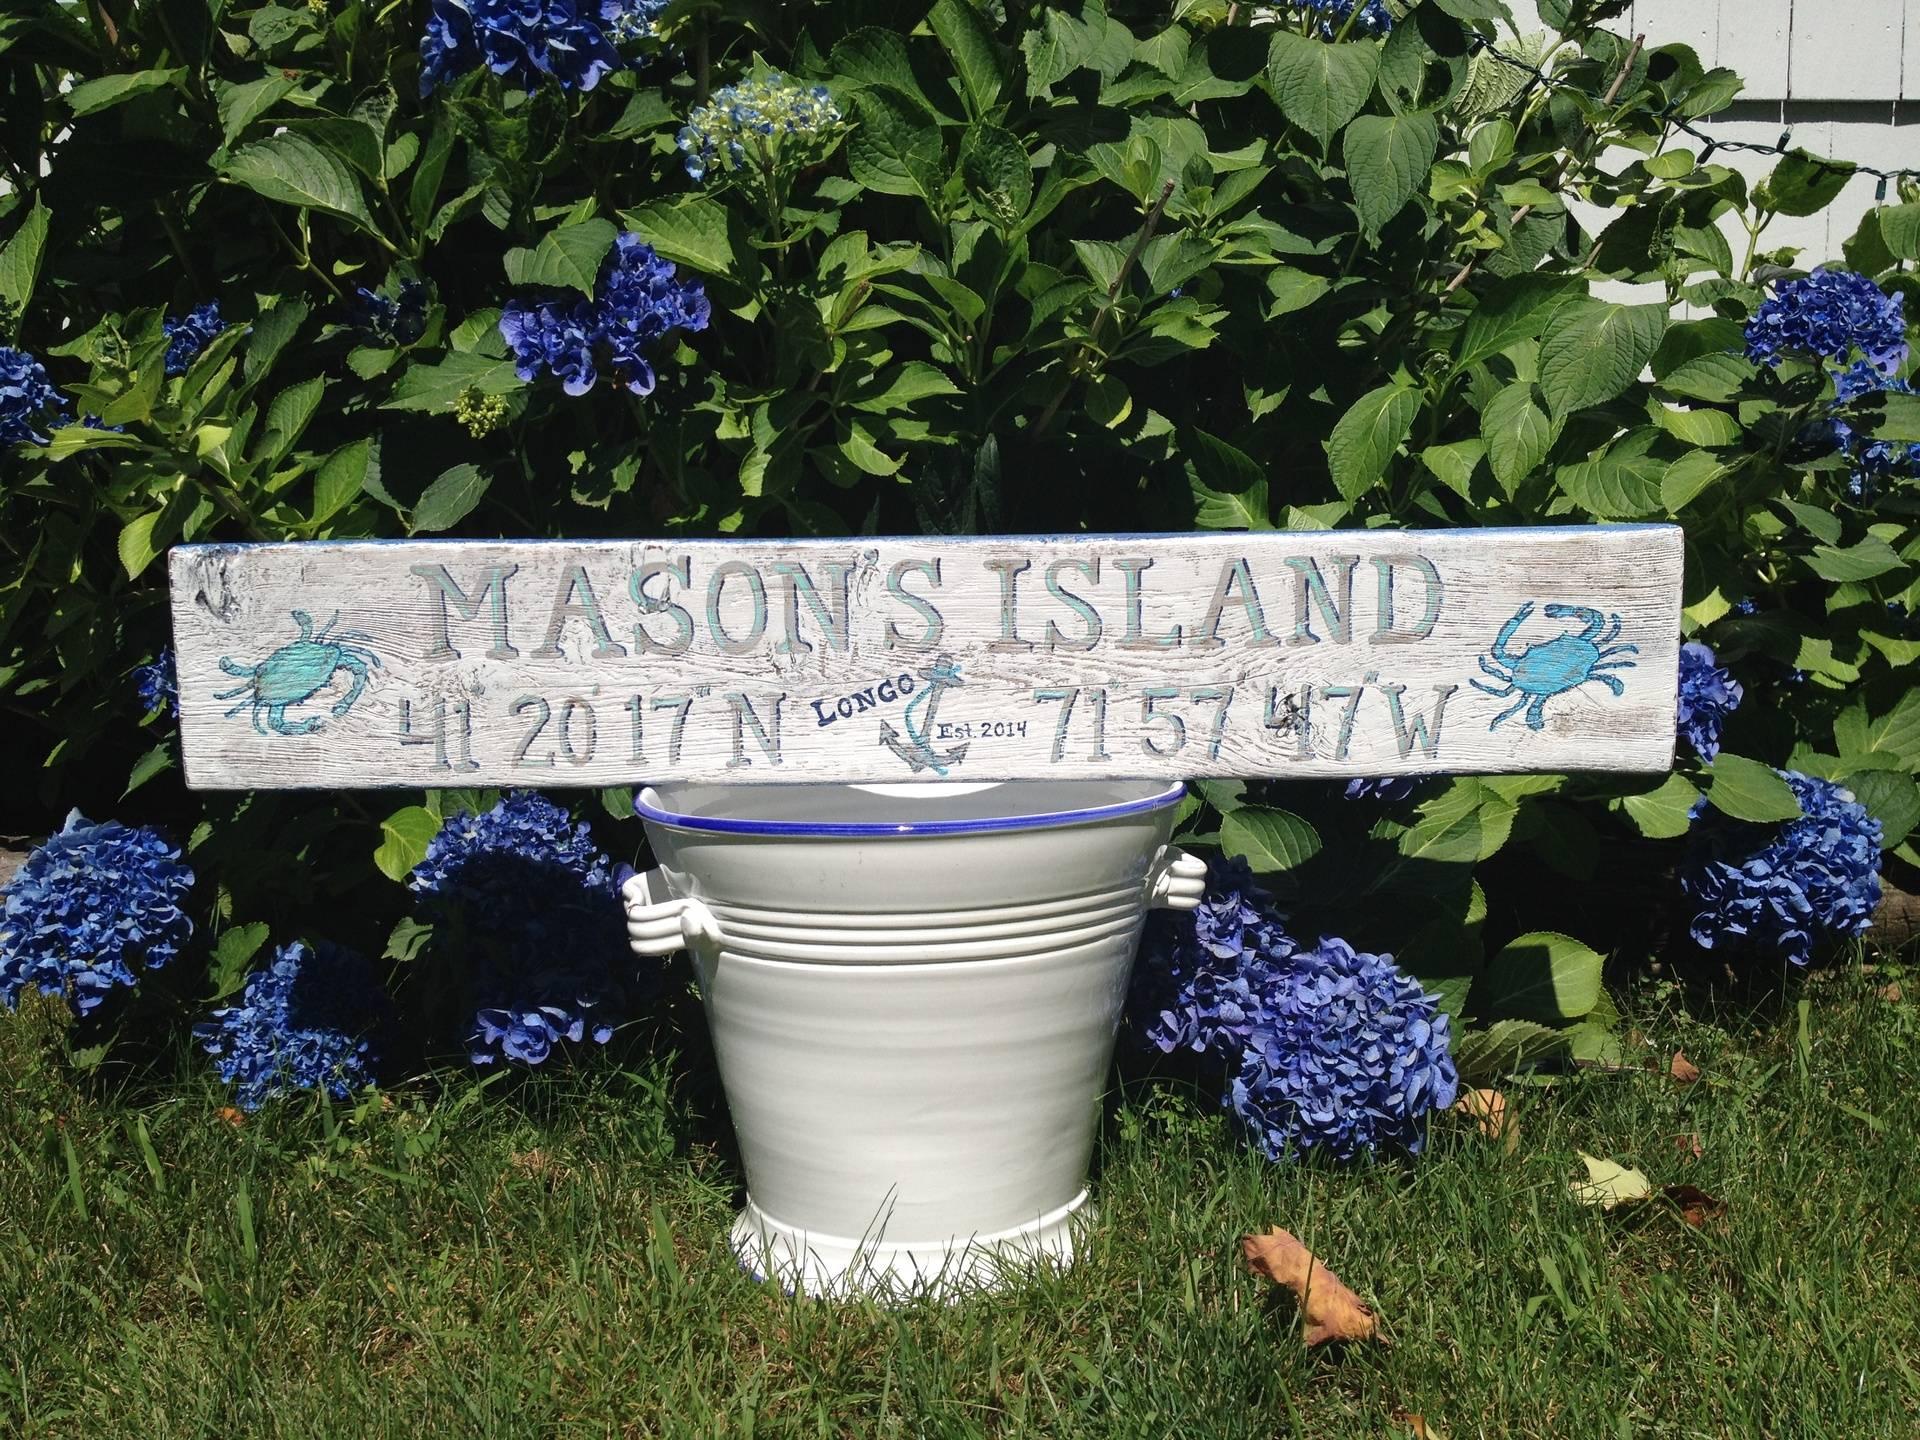 Mason's Island